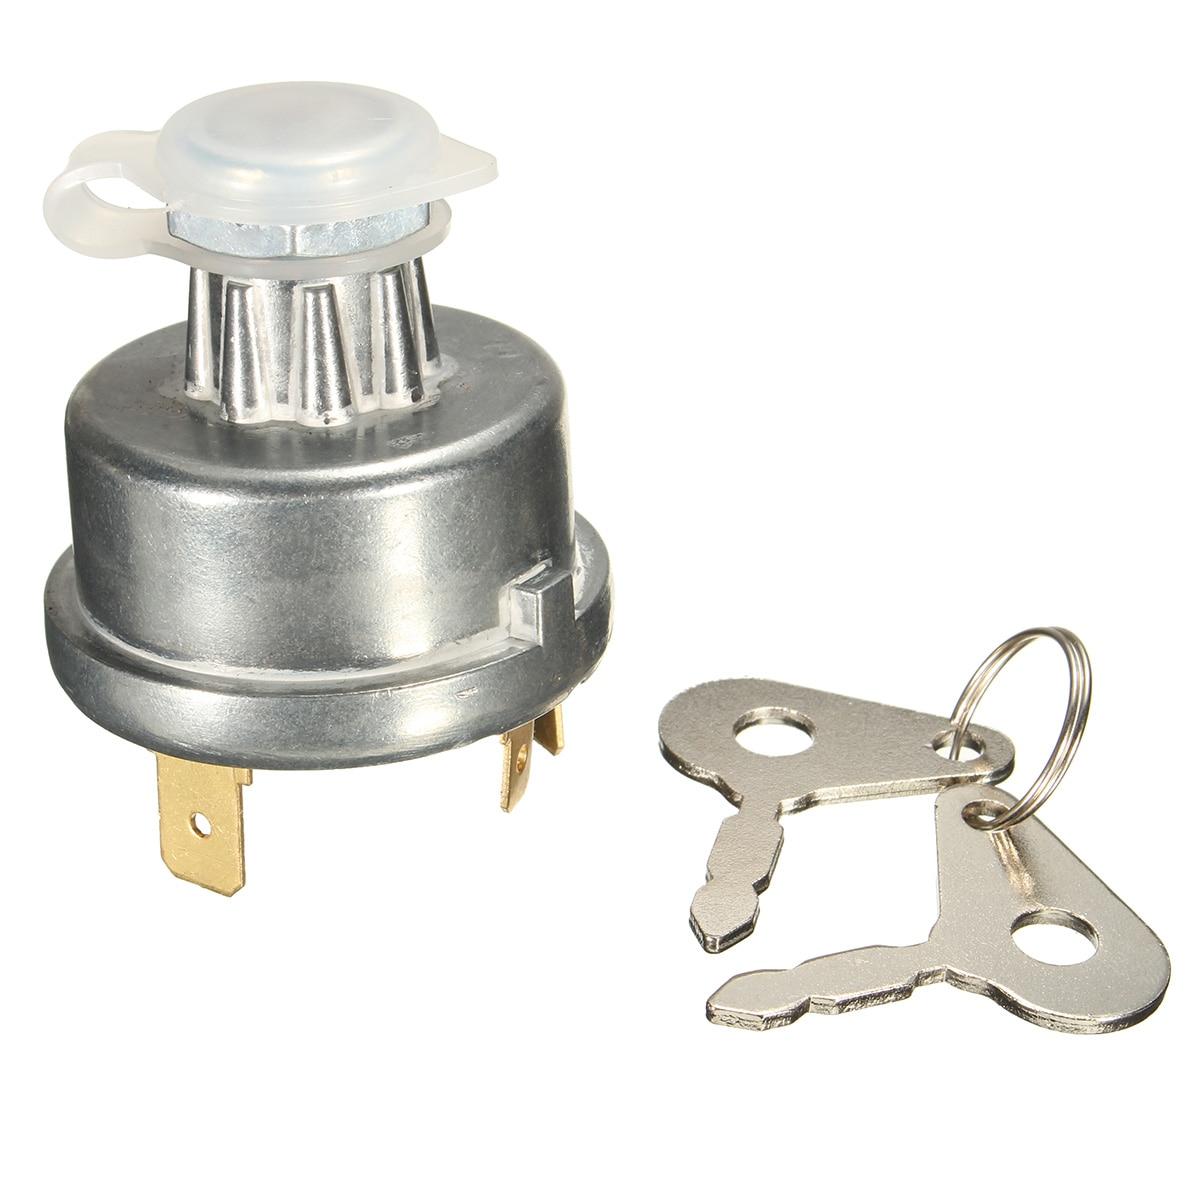 Interruptor de ignição do trator universal starter com 2 chaves para o caso ih david brown landini leyland para marshall massey ferguson nuffield